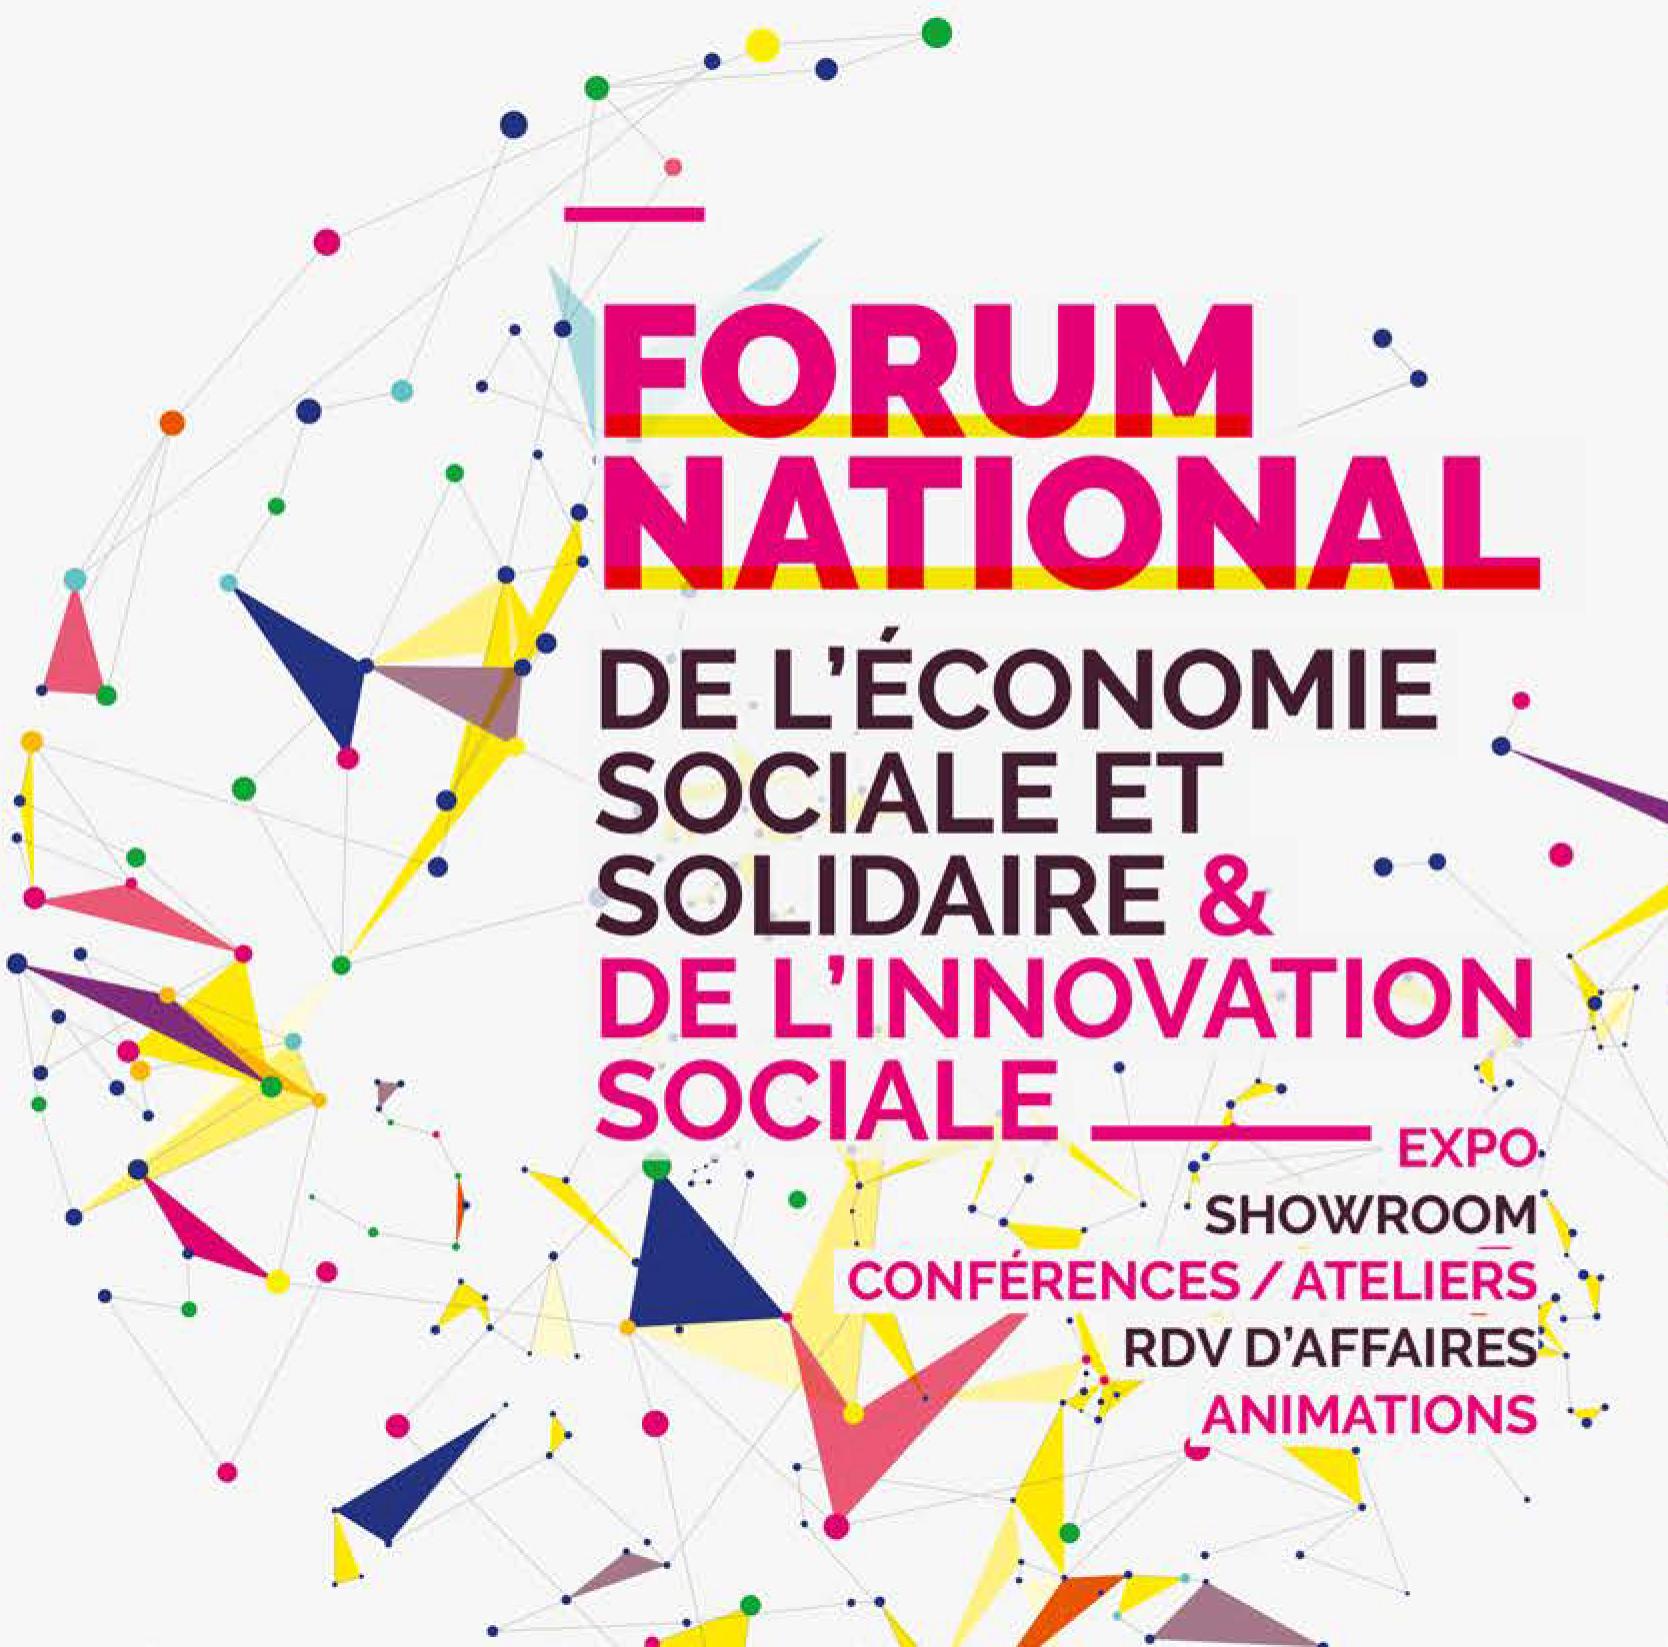 Forum National de l'Economie Sociale et Solidaire et de l'Innovation Sociale